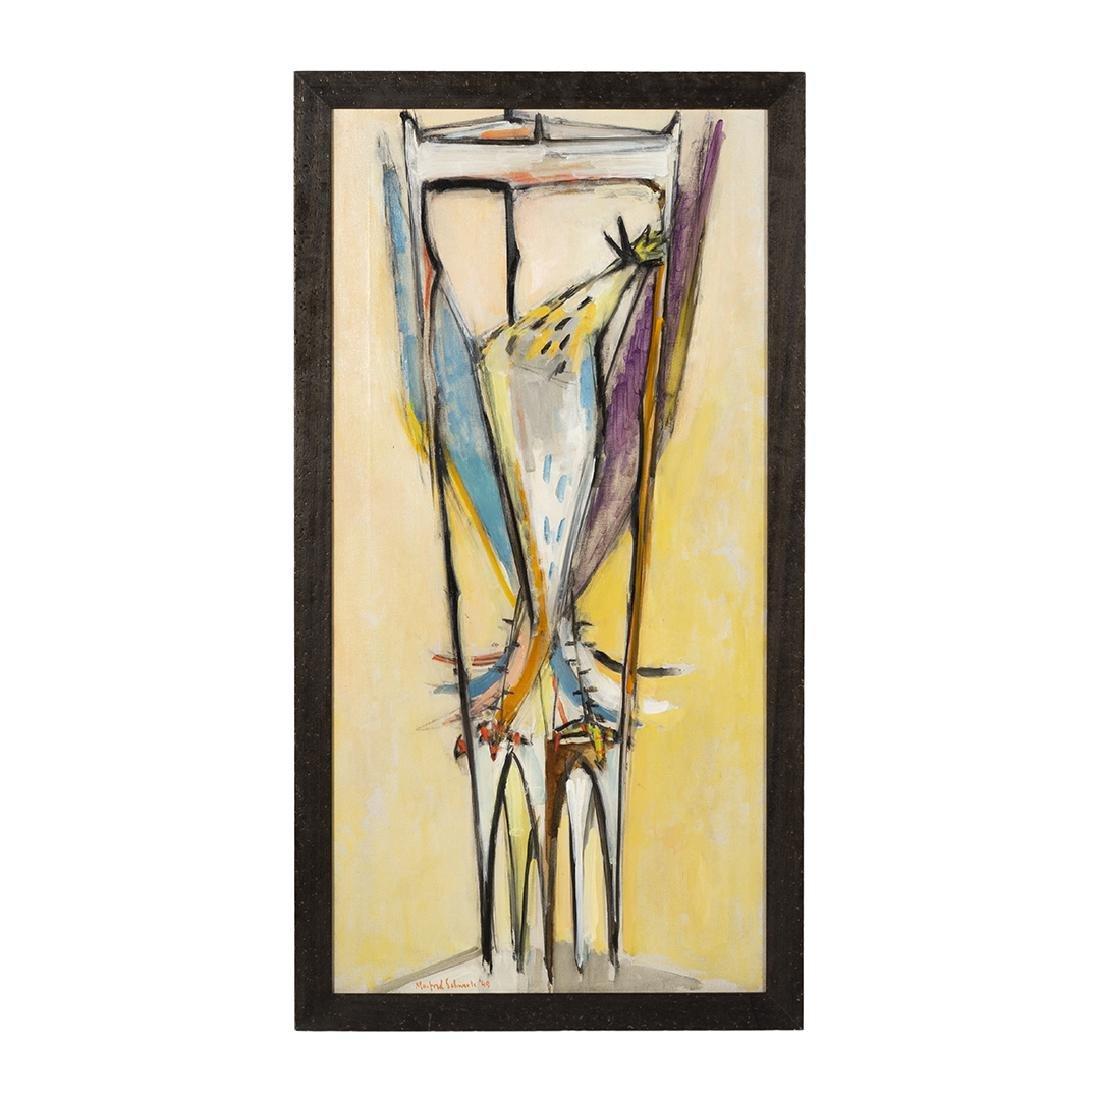 Manfred Schwartz Oil on Canvas